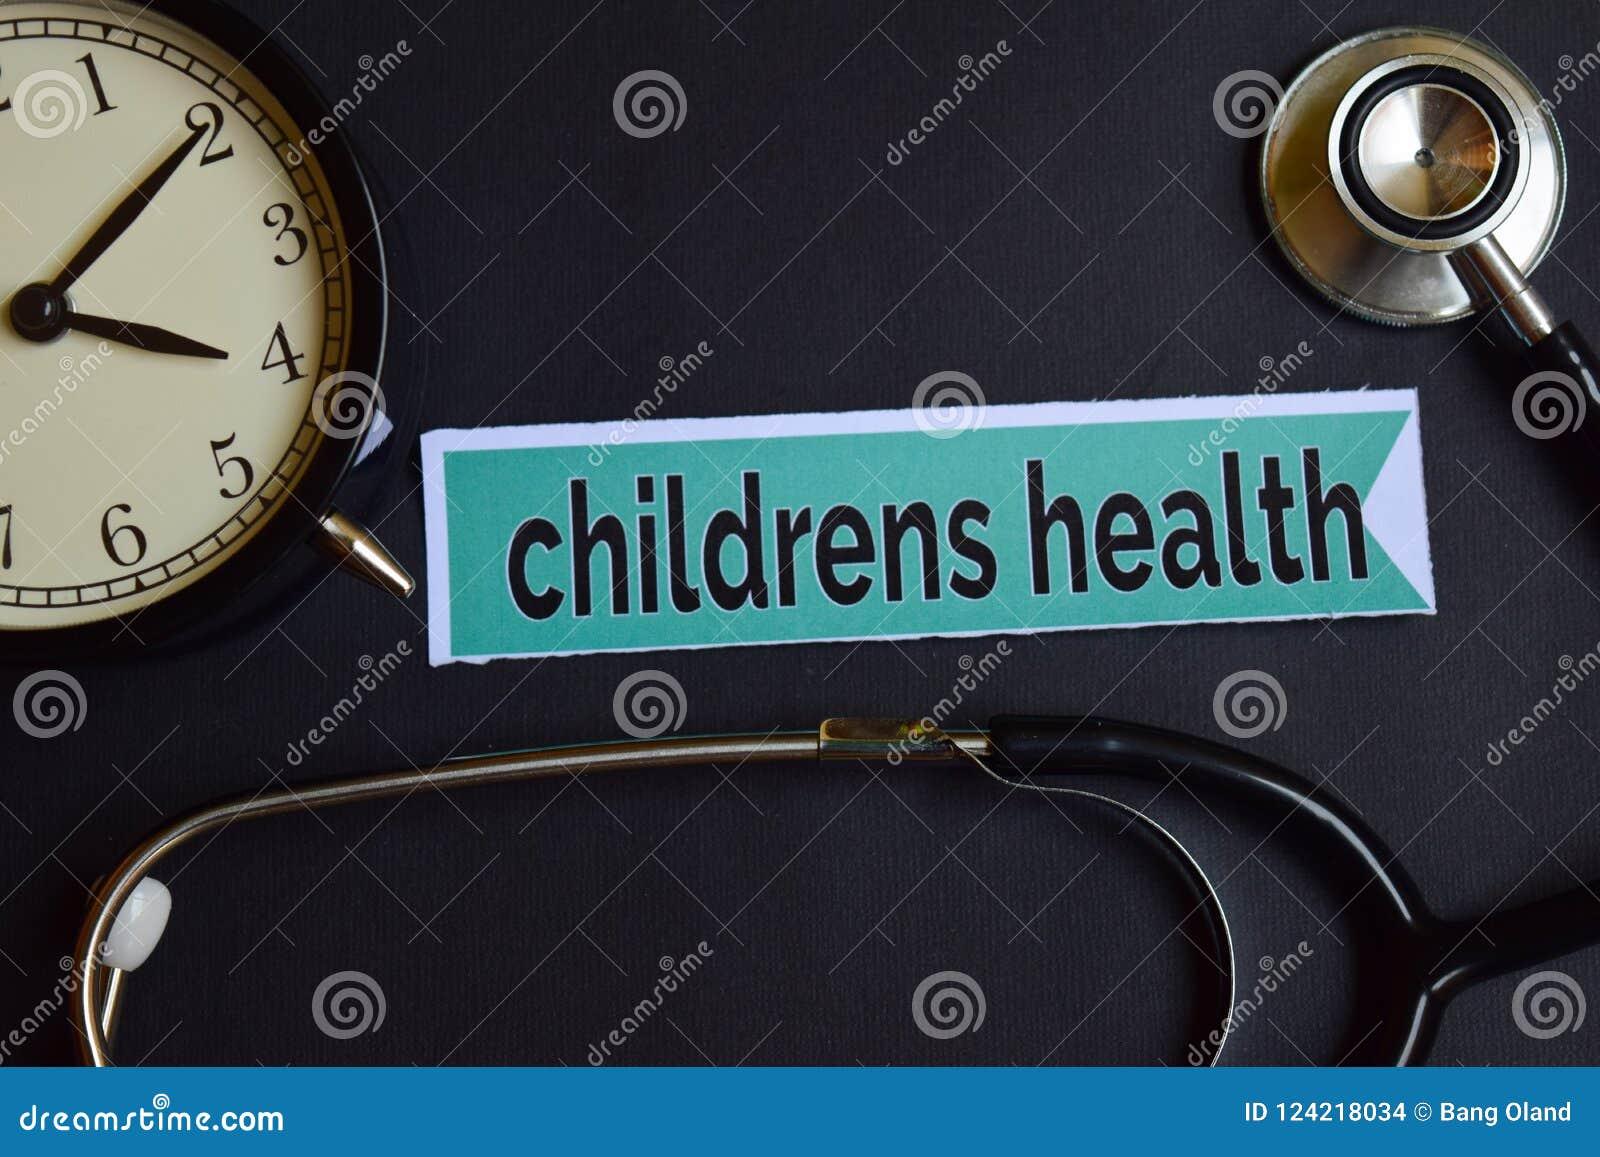 La salud de niños en el papel de la impresión con la inspiración del concepto de la atención sanitaria despertador, estetoscopio